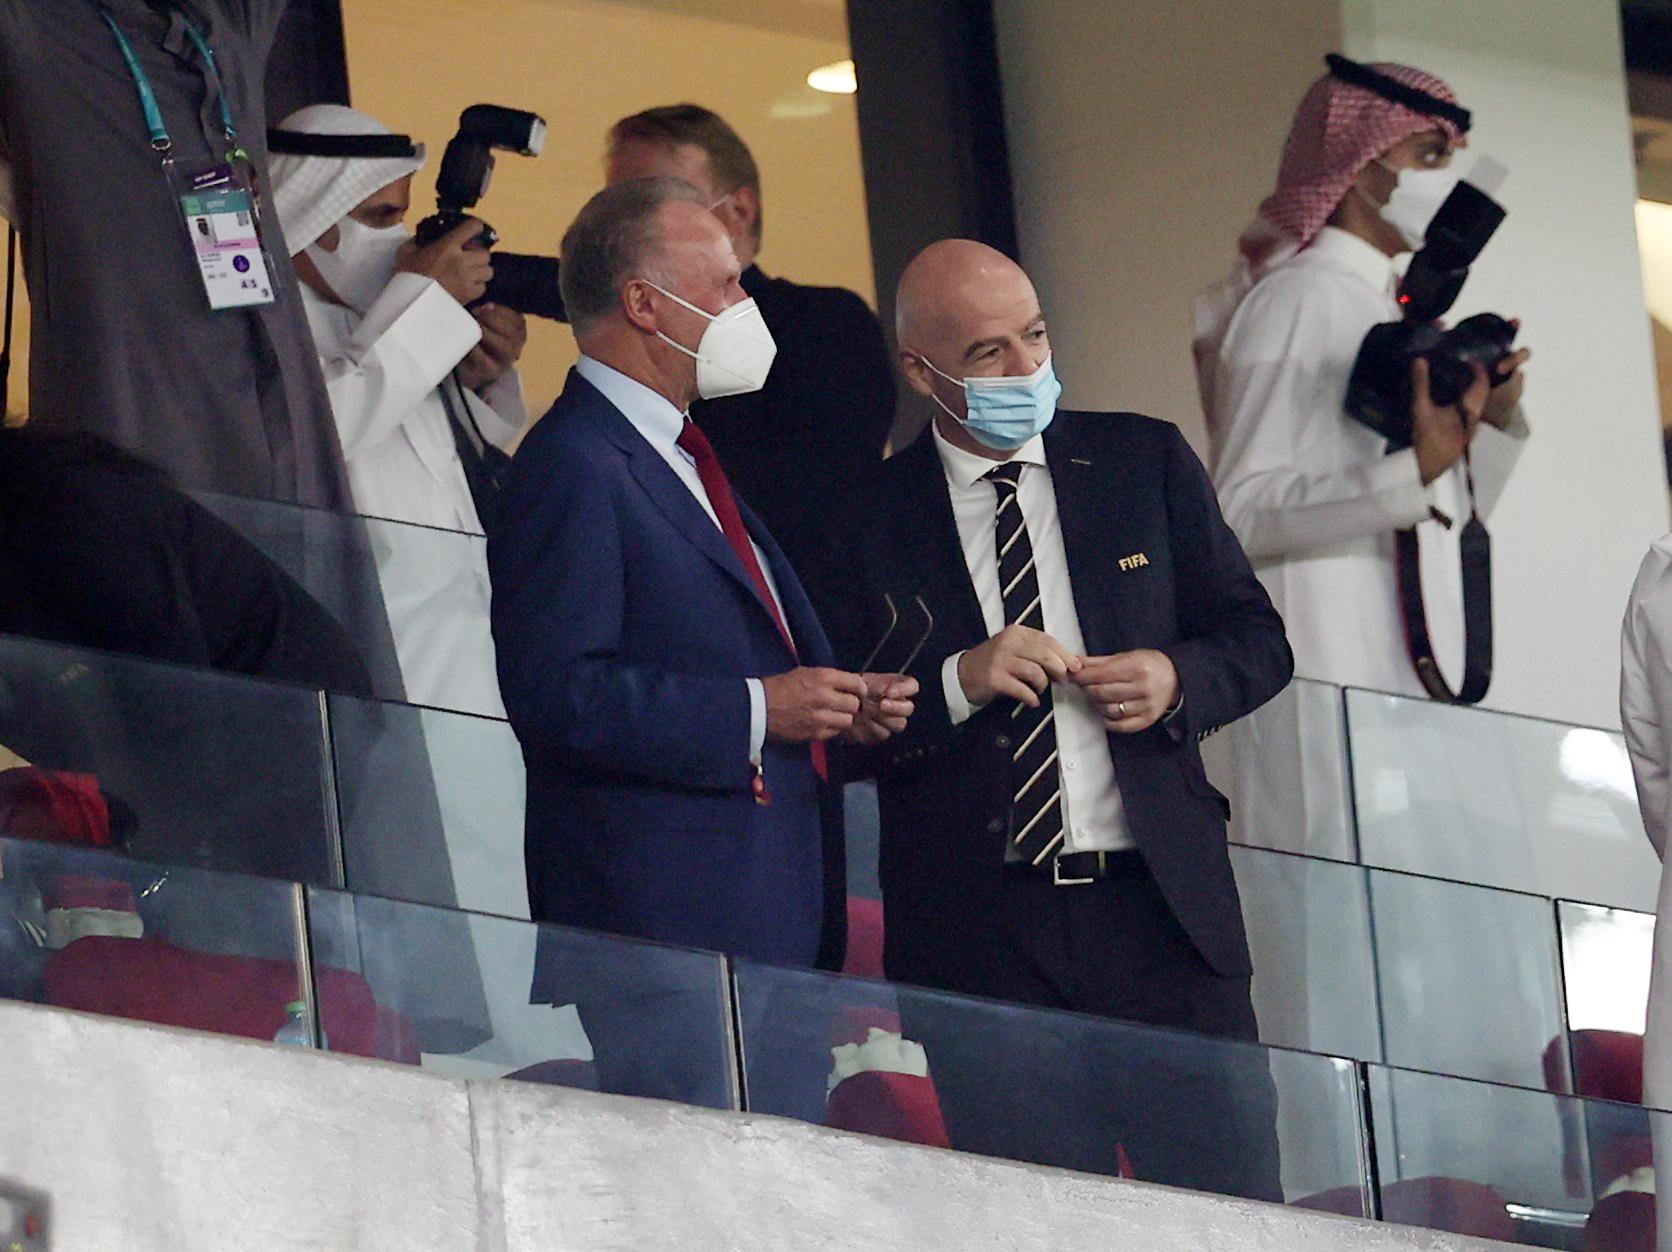 El presidente de la FIFA Gianni Infantino y Karl-Heinz Rummenigge antes de juego. Estadio Ciudad de la Educación en Rayán, Catar